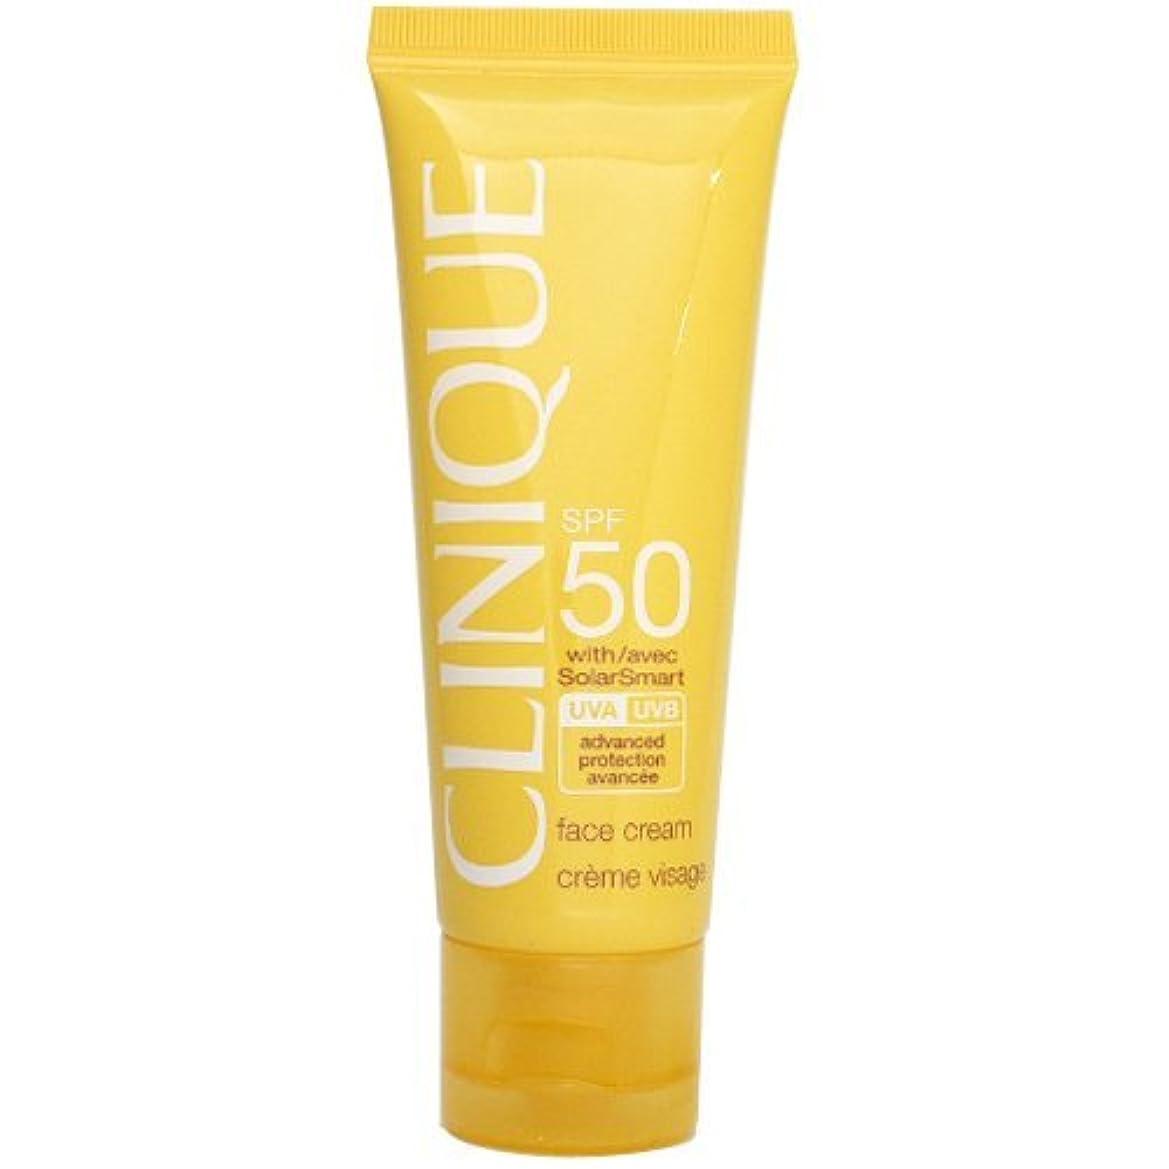 放つロールテクトニッククリニーク CLINIQUE SPF50 フェース クリーム SPF 50 PA+++ 50mL [並行輸入品]